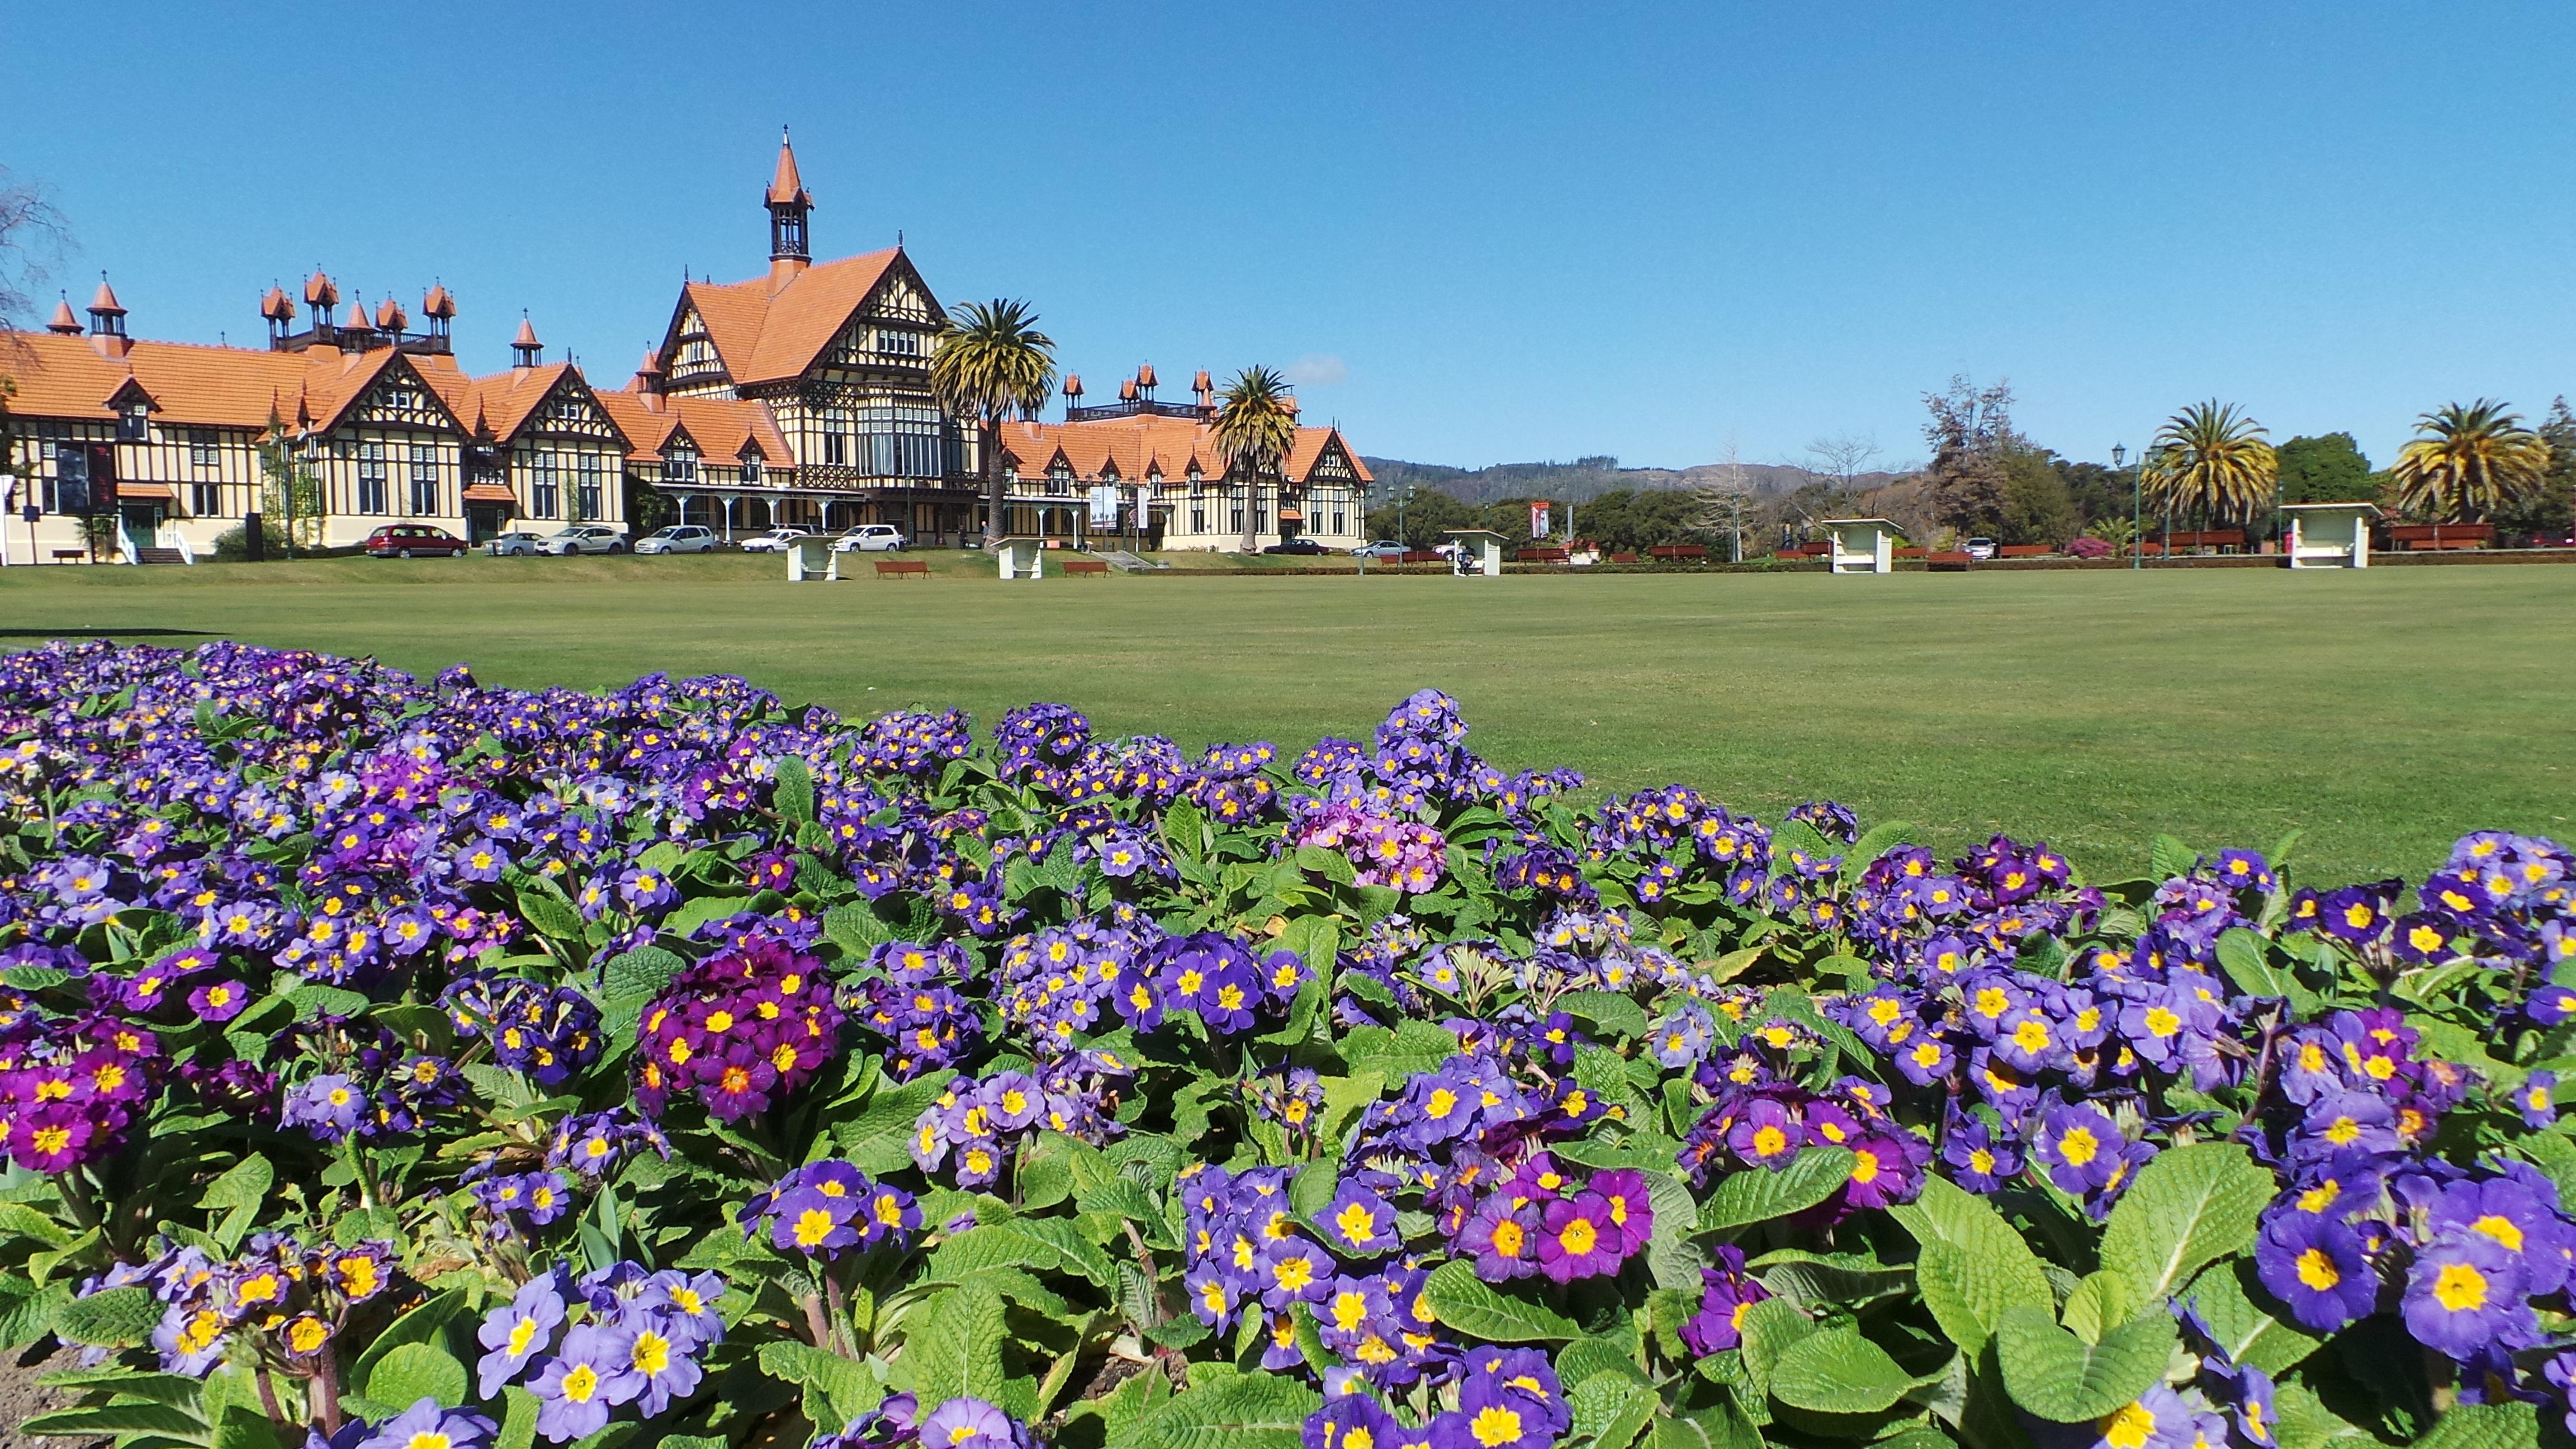 Free Images Field Lawn Meadow Flower Museum Park Garden